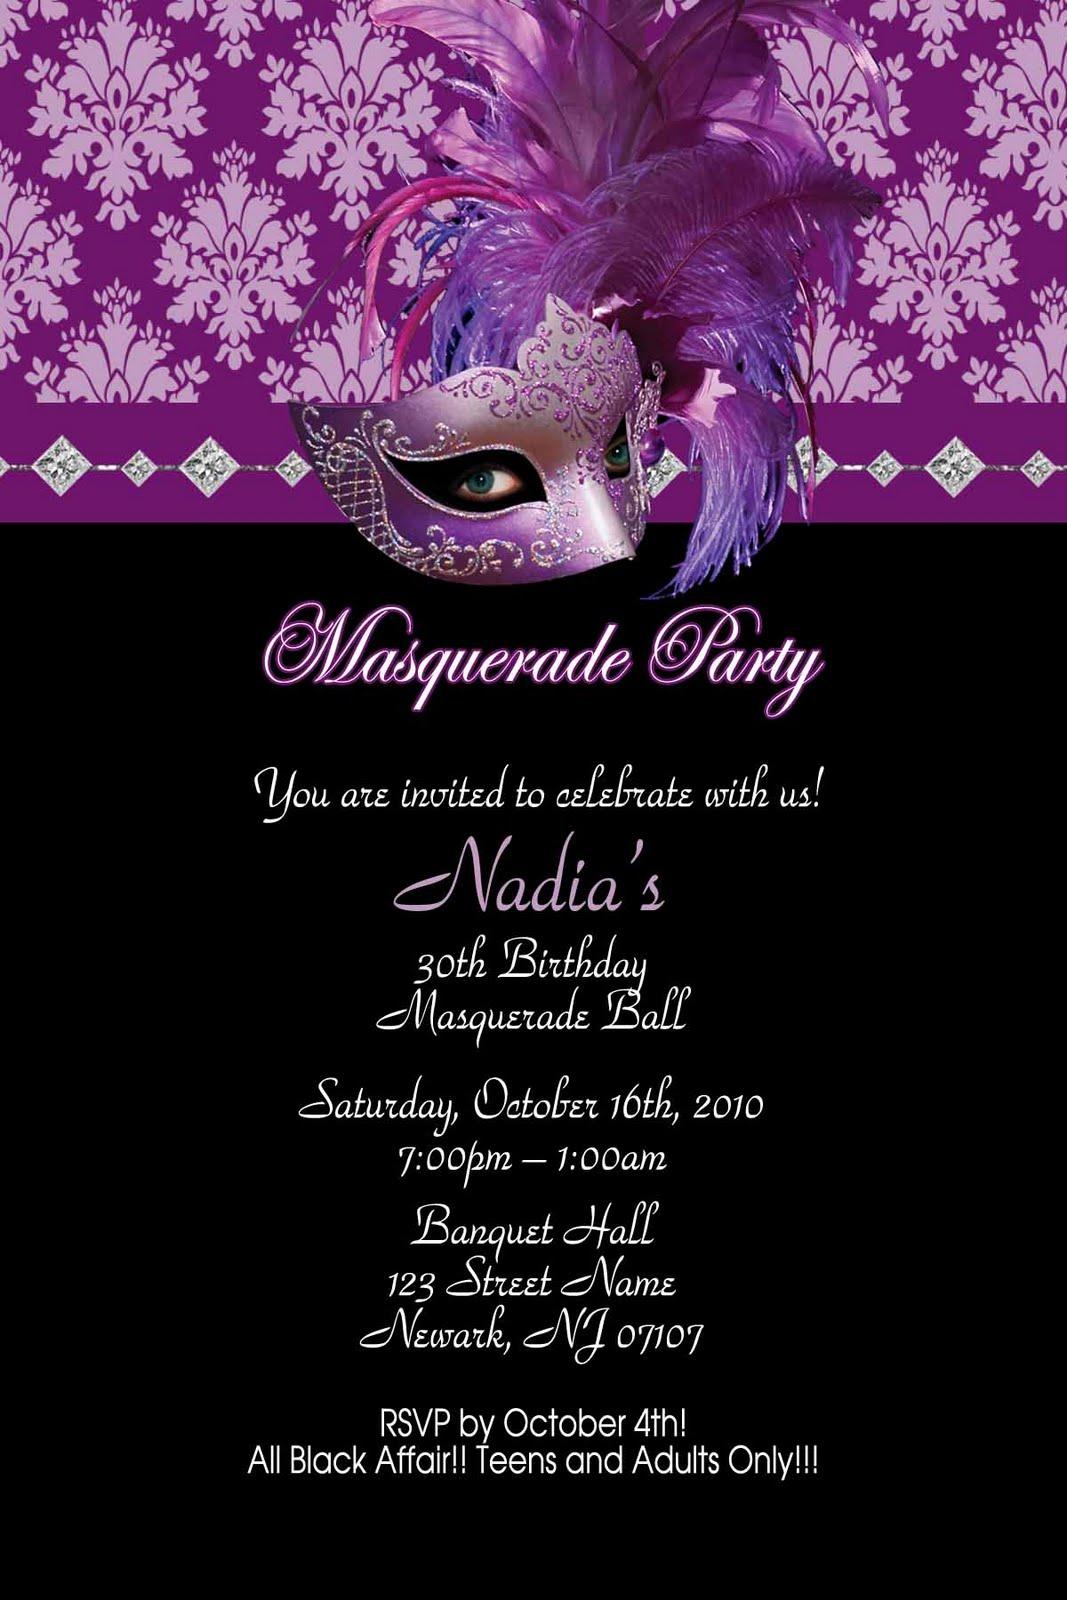 Cinderella Party Invites was nice invitation design